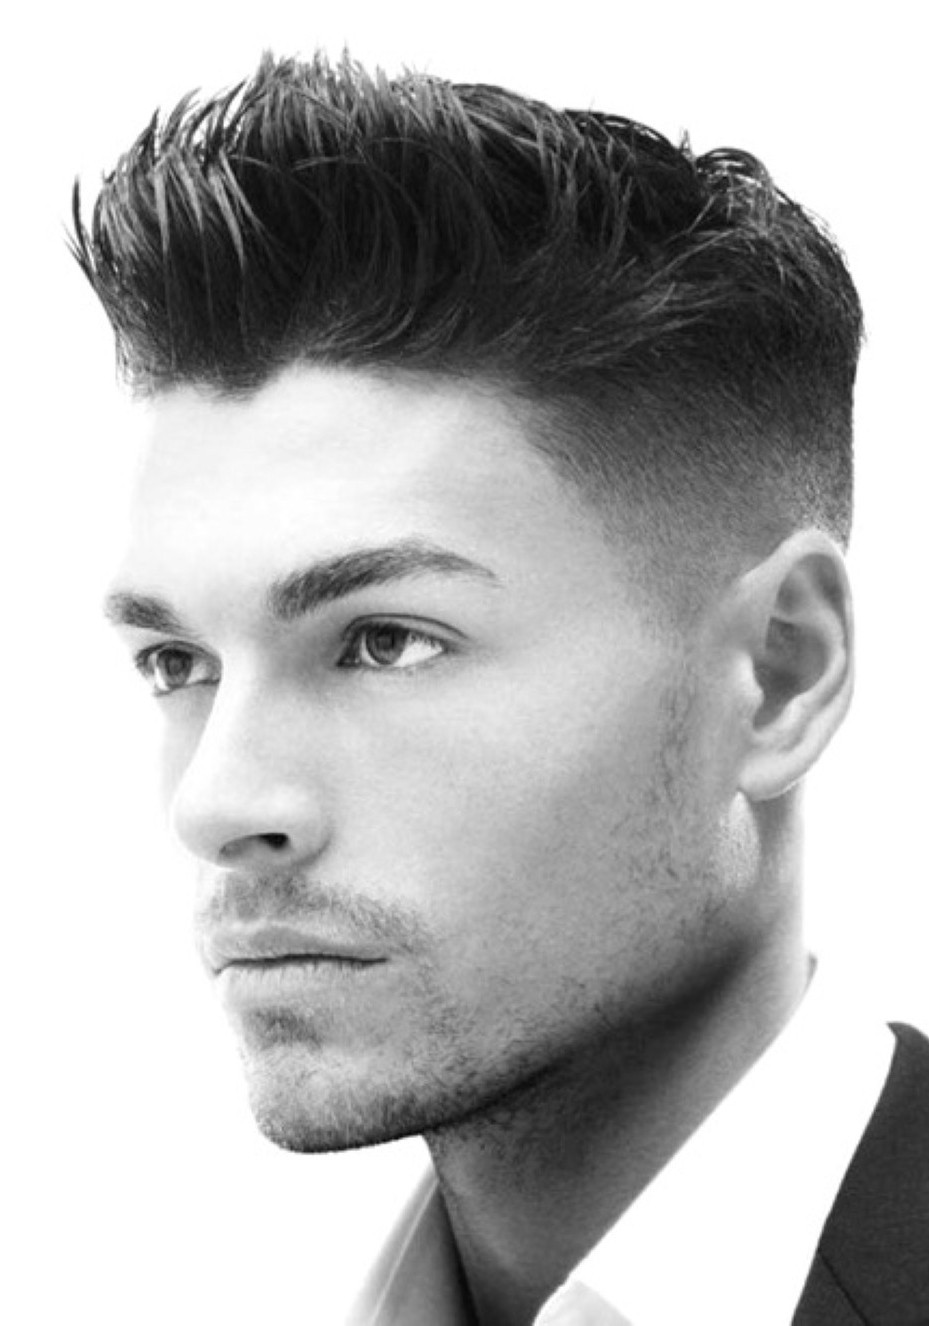 Hasil carian imej untuk rambut lelaki